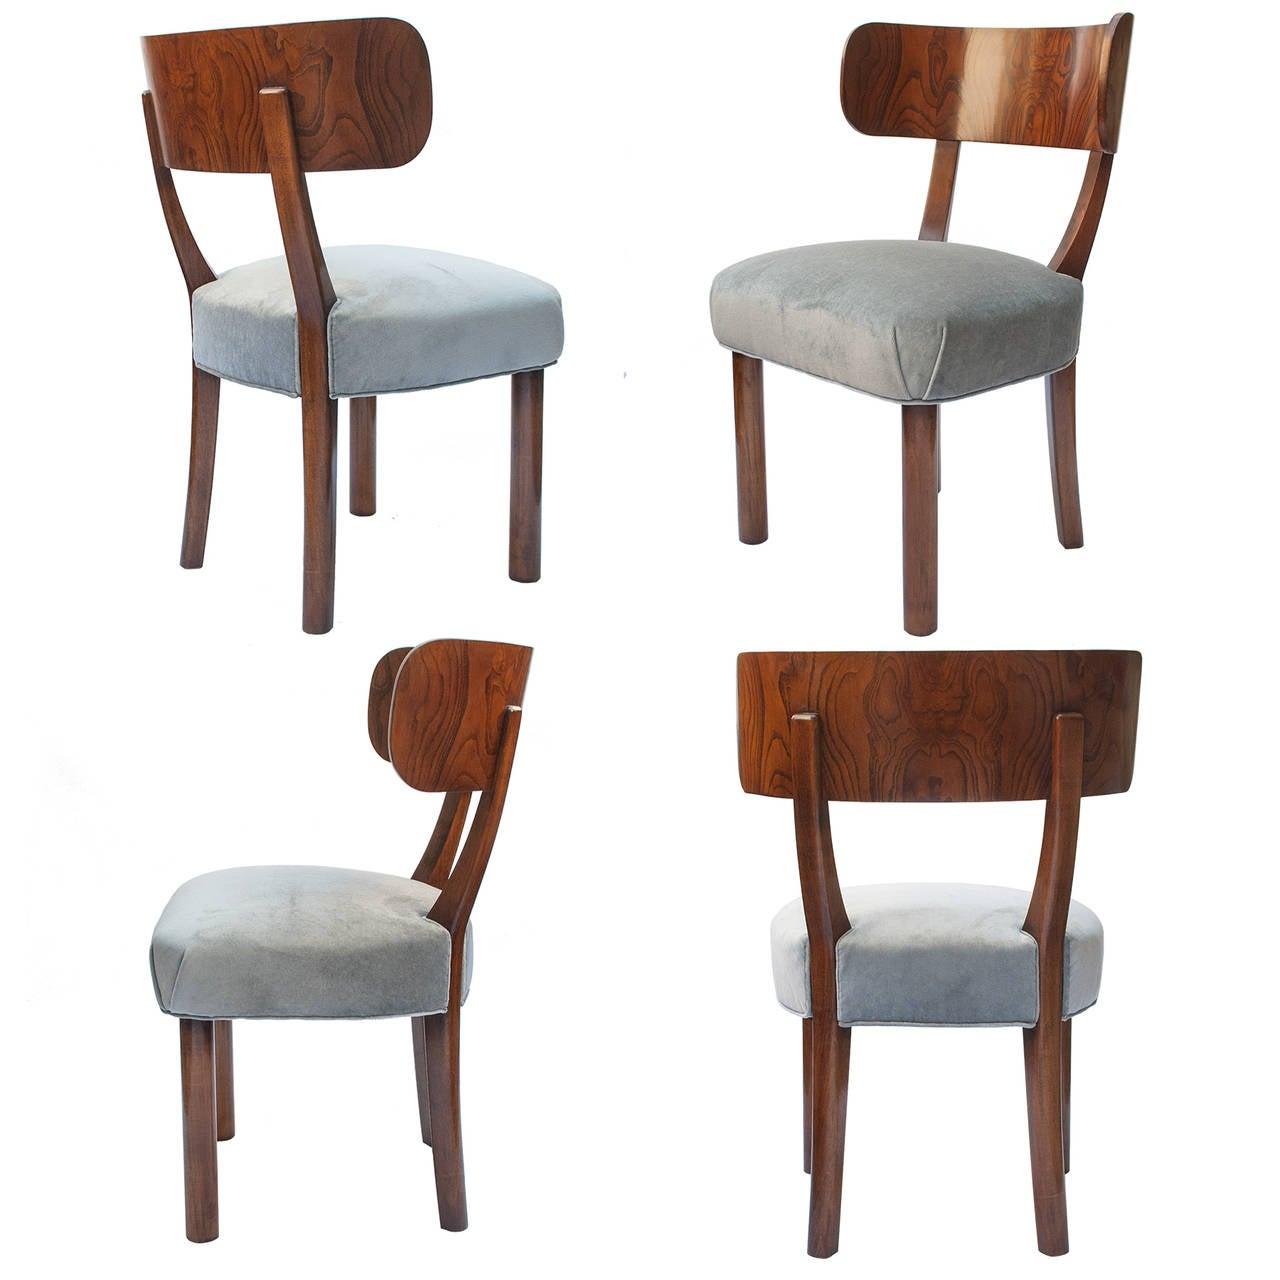 Four Swedish Art Deco Dining Chairs By Axel Einar Hjorth